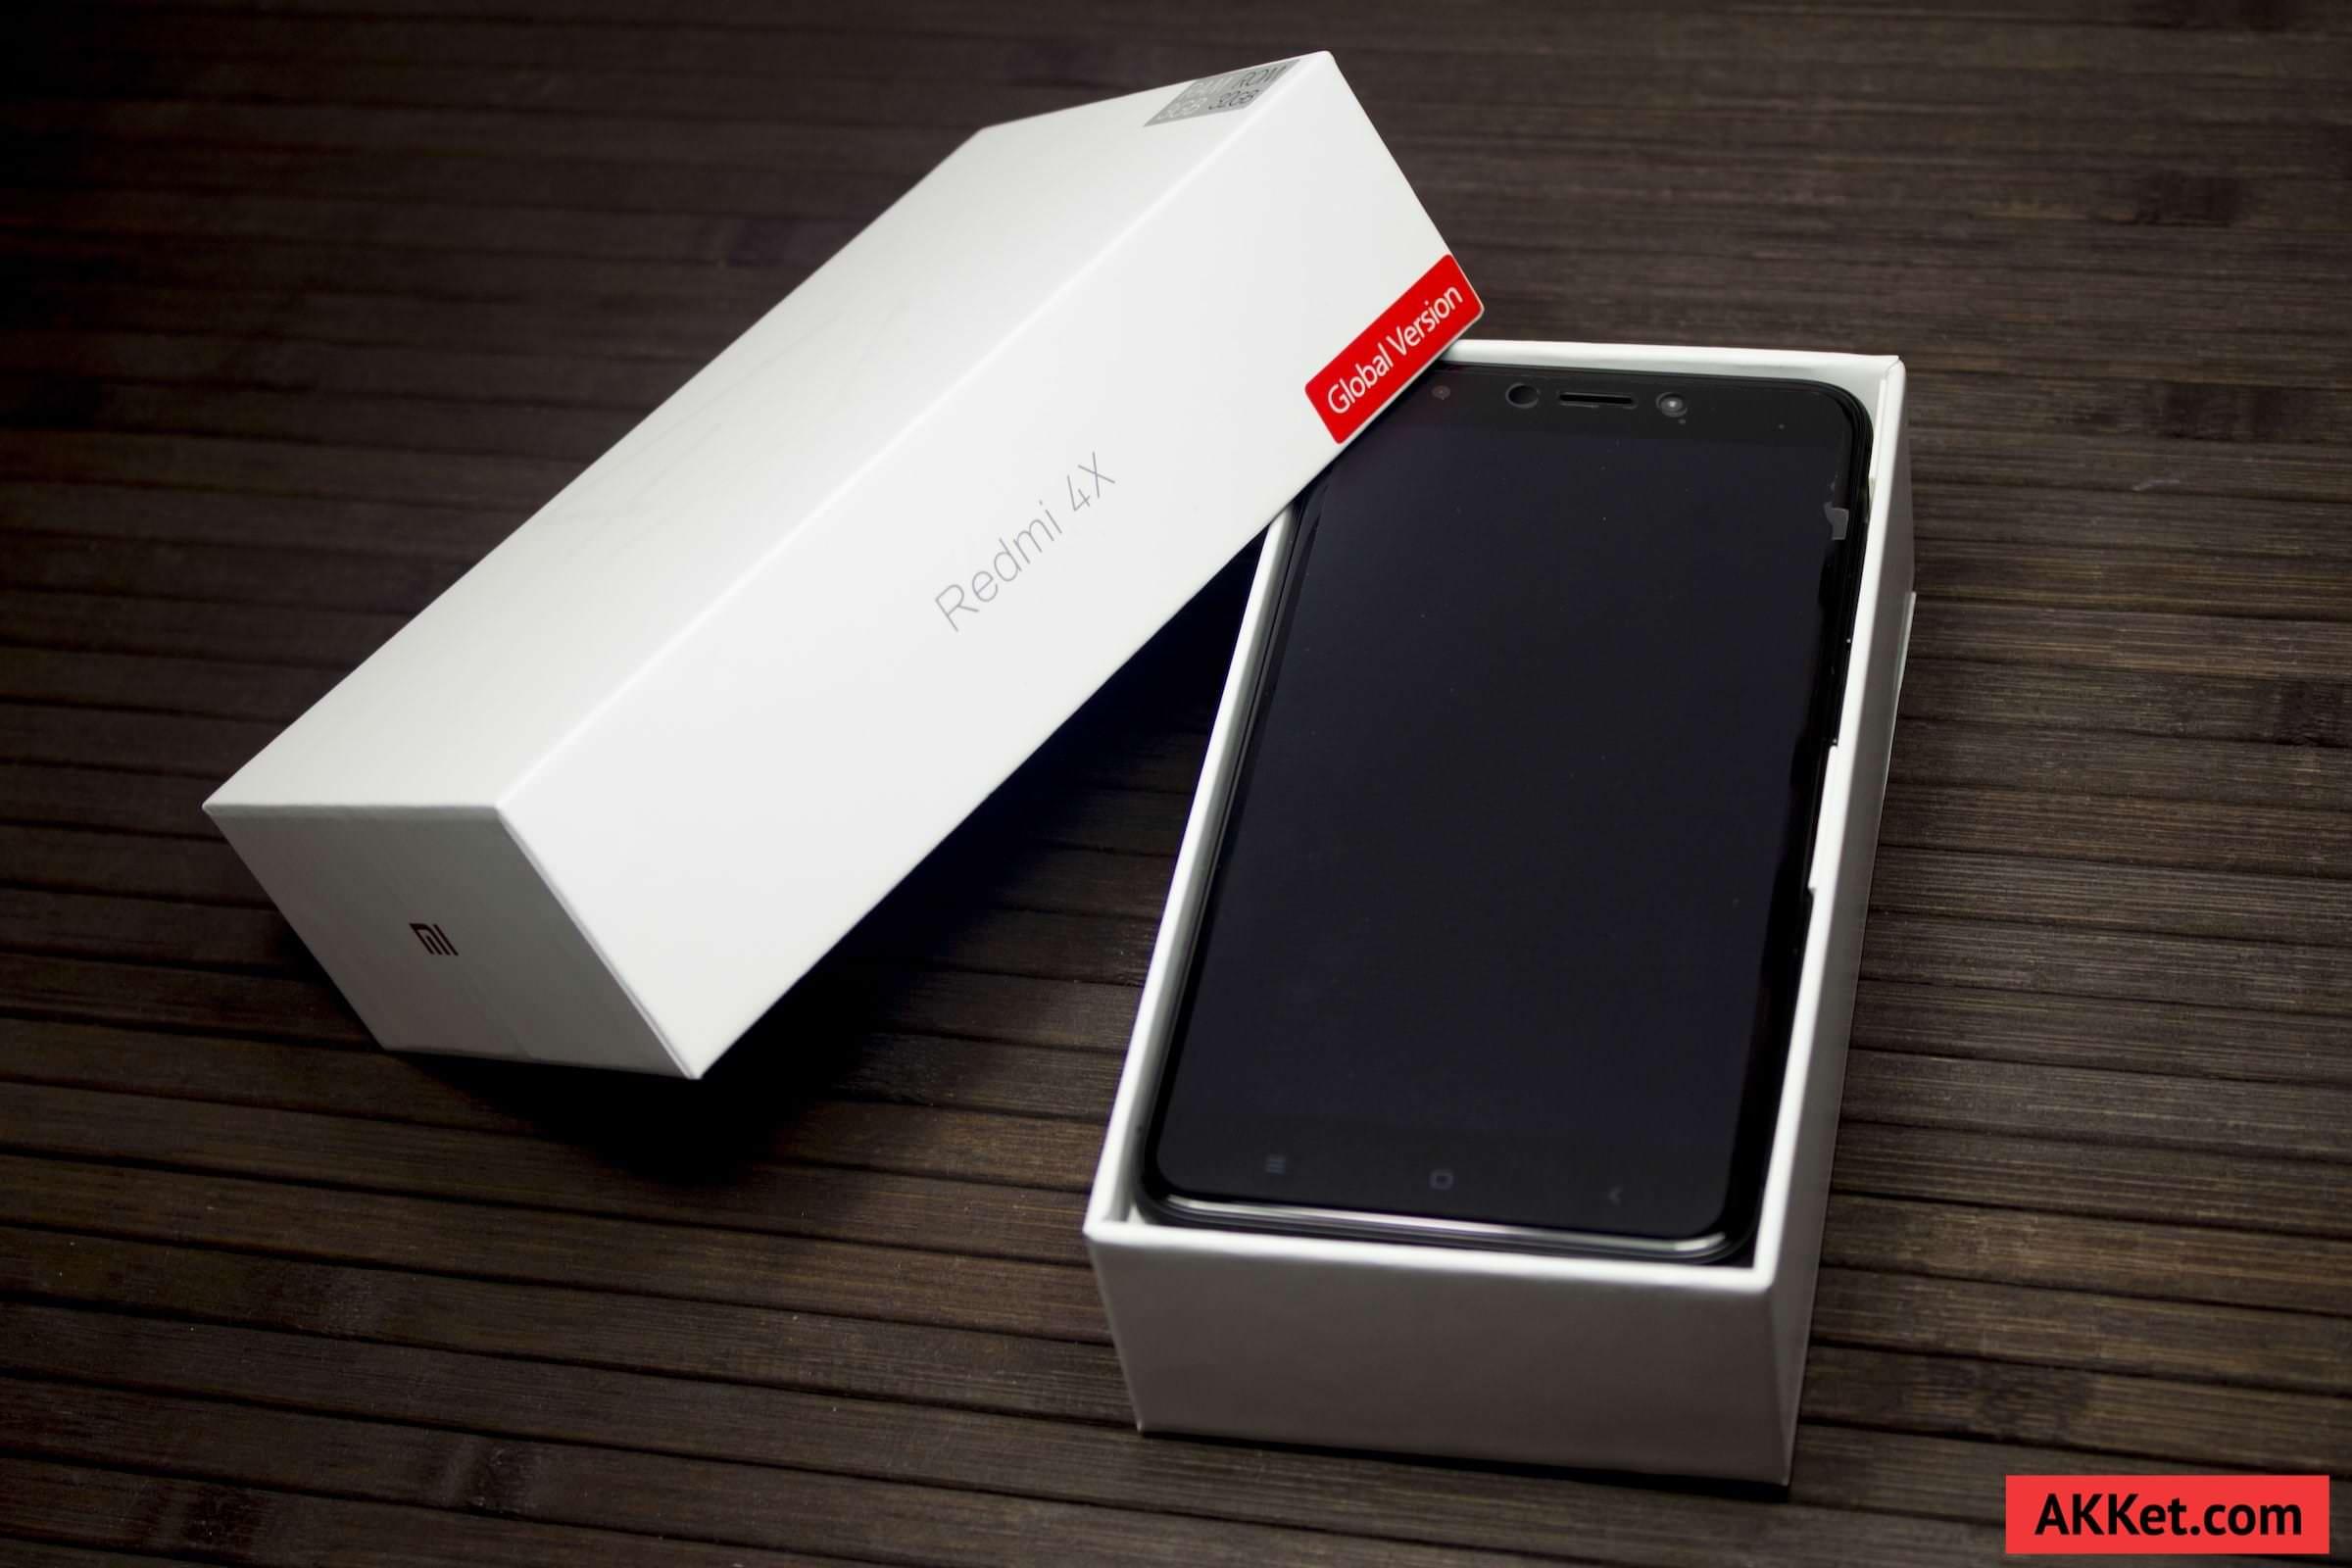 стула коричневый, купить лучший компактный смартфон 2017 года ближайшие центры МФЦ